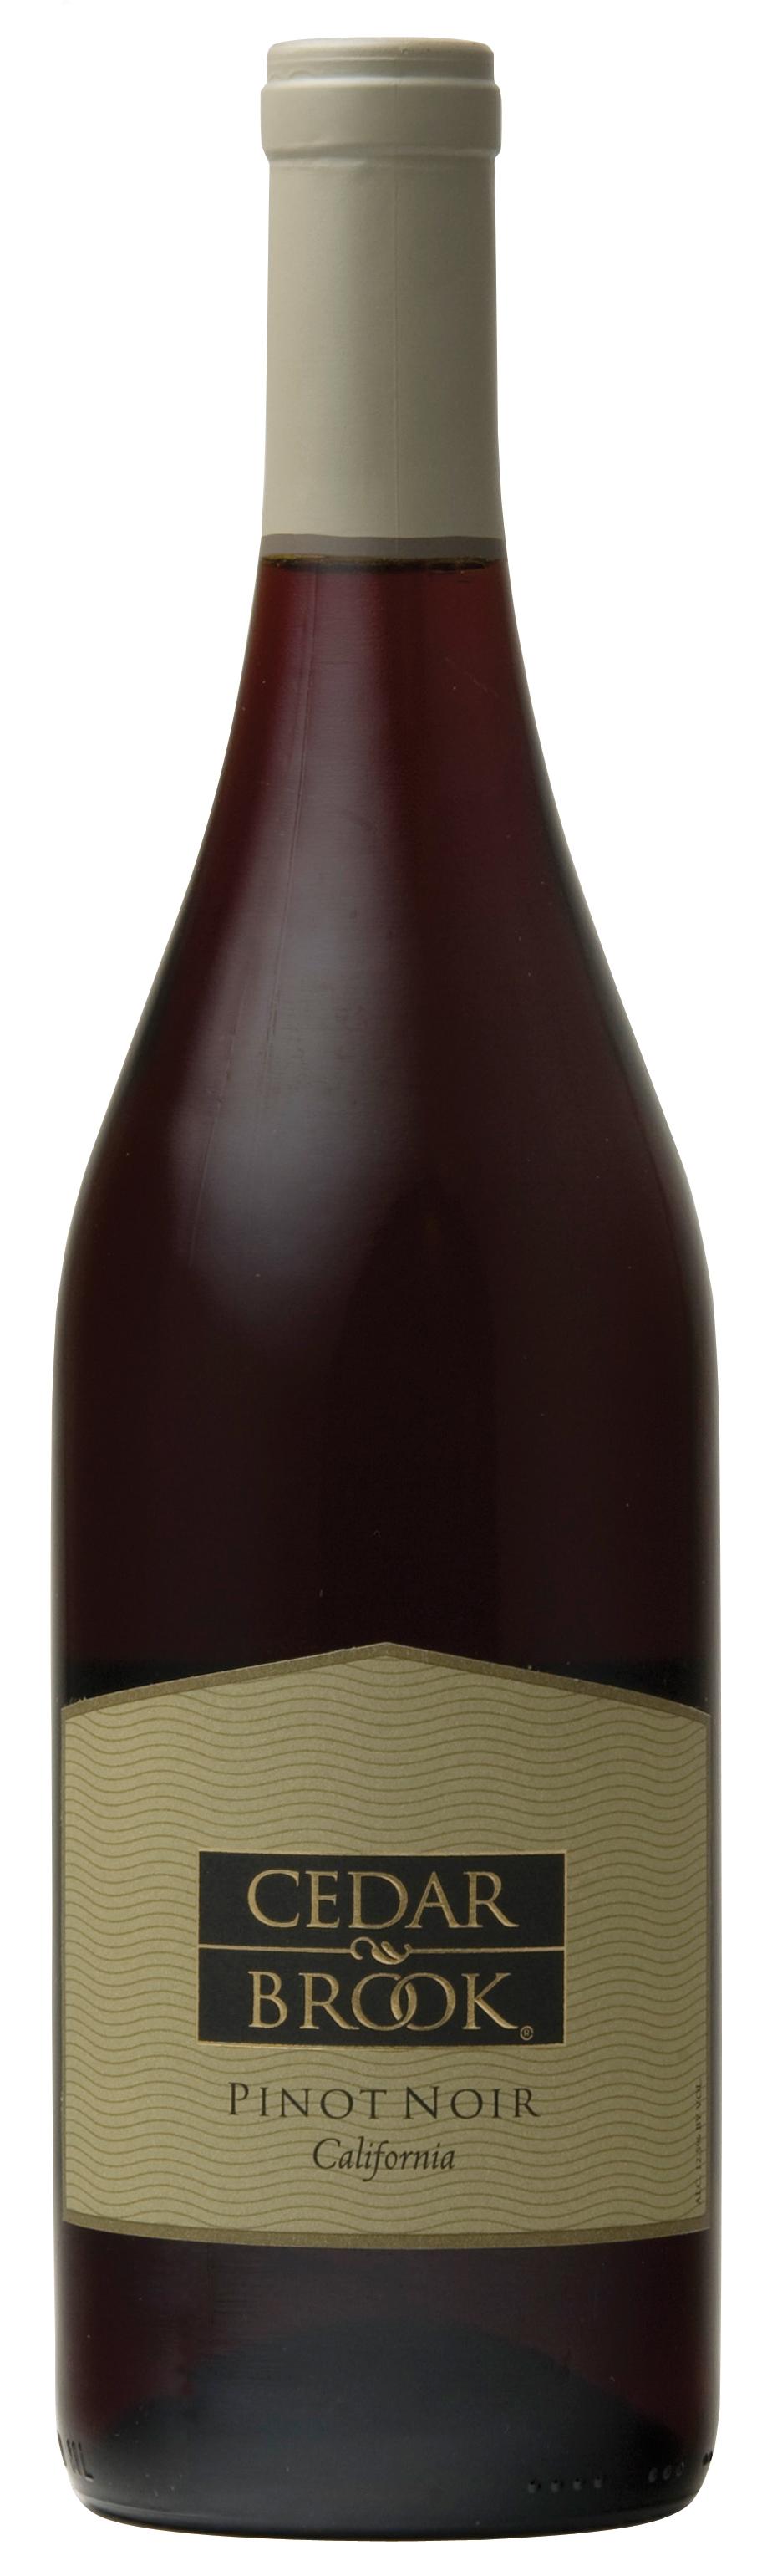 Cedar Brook Pinot Noir bottle